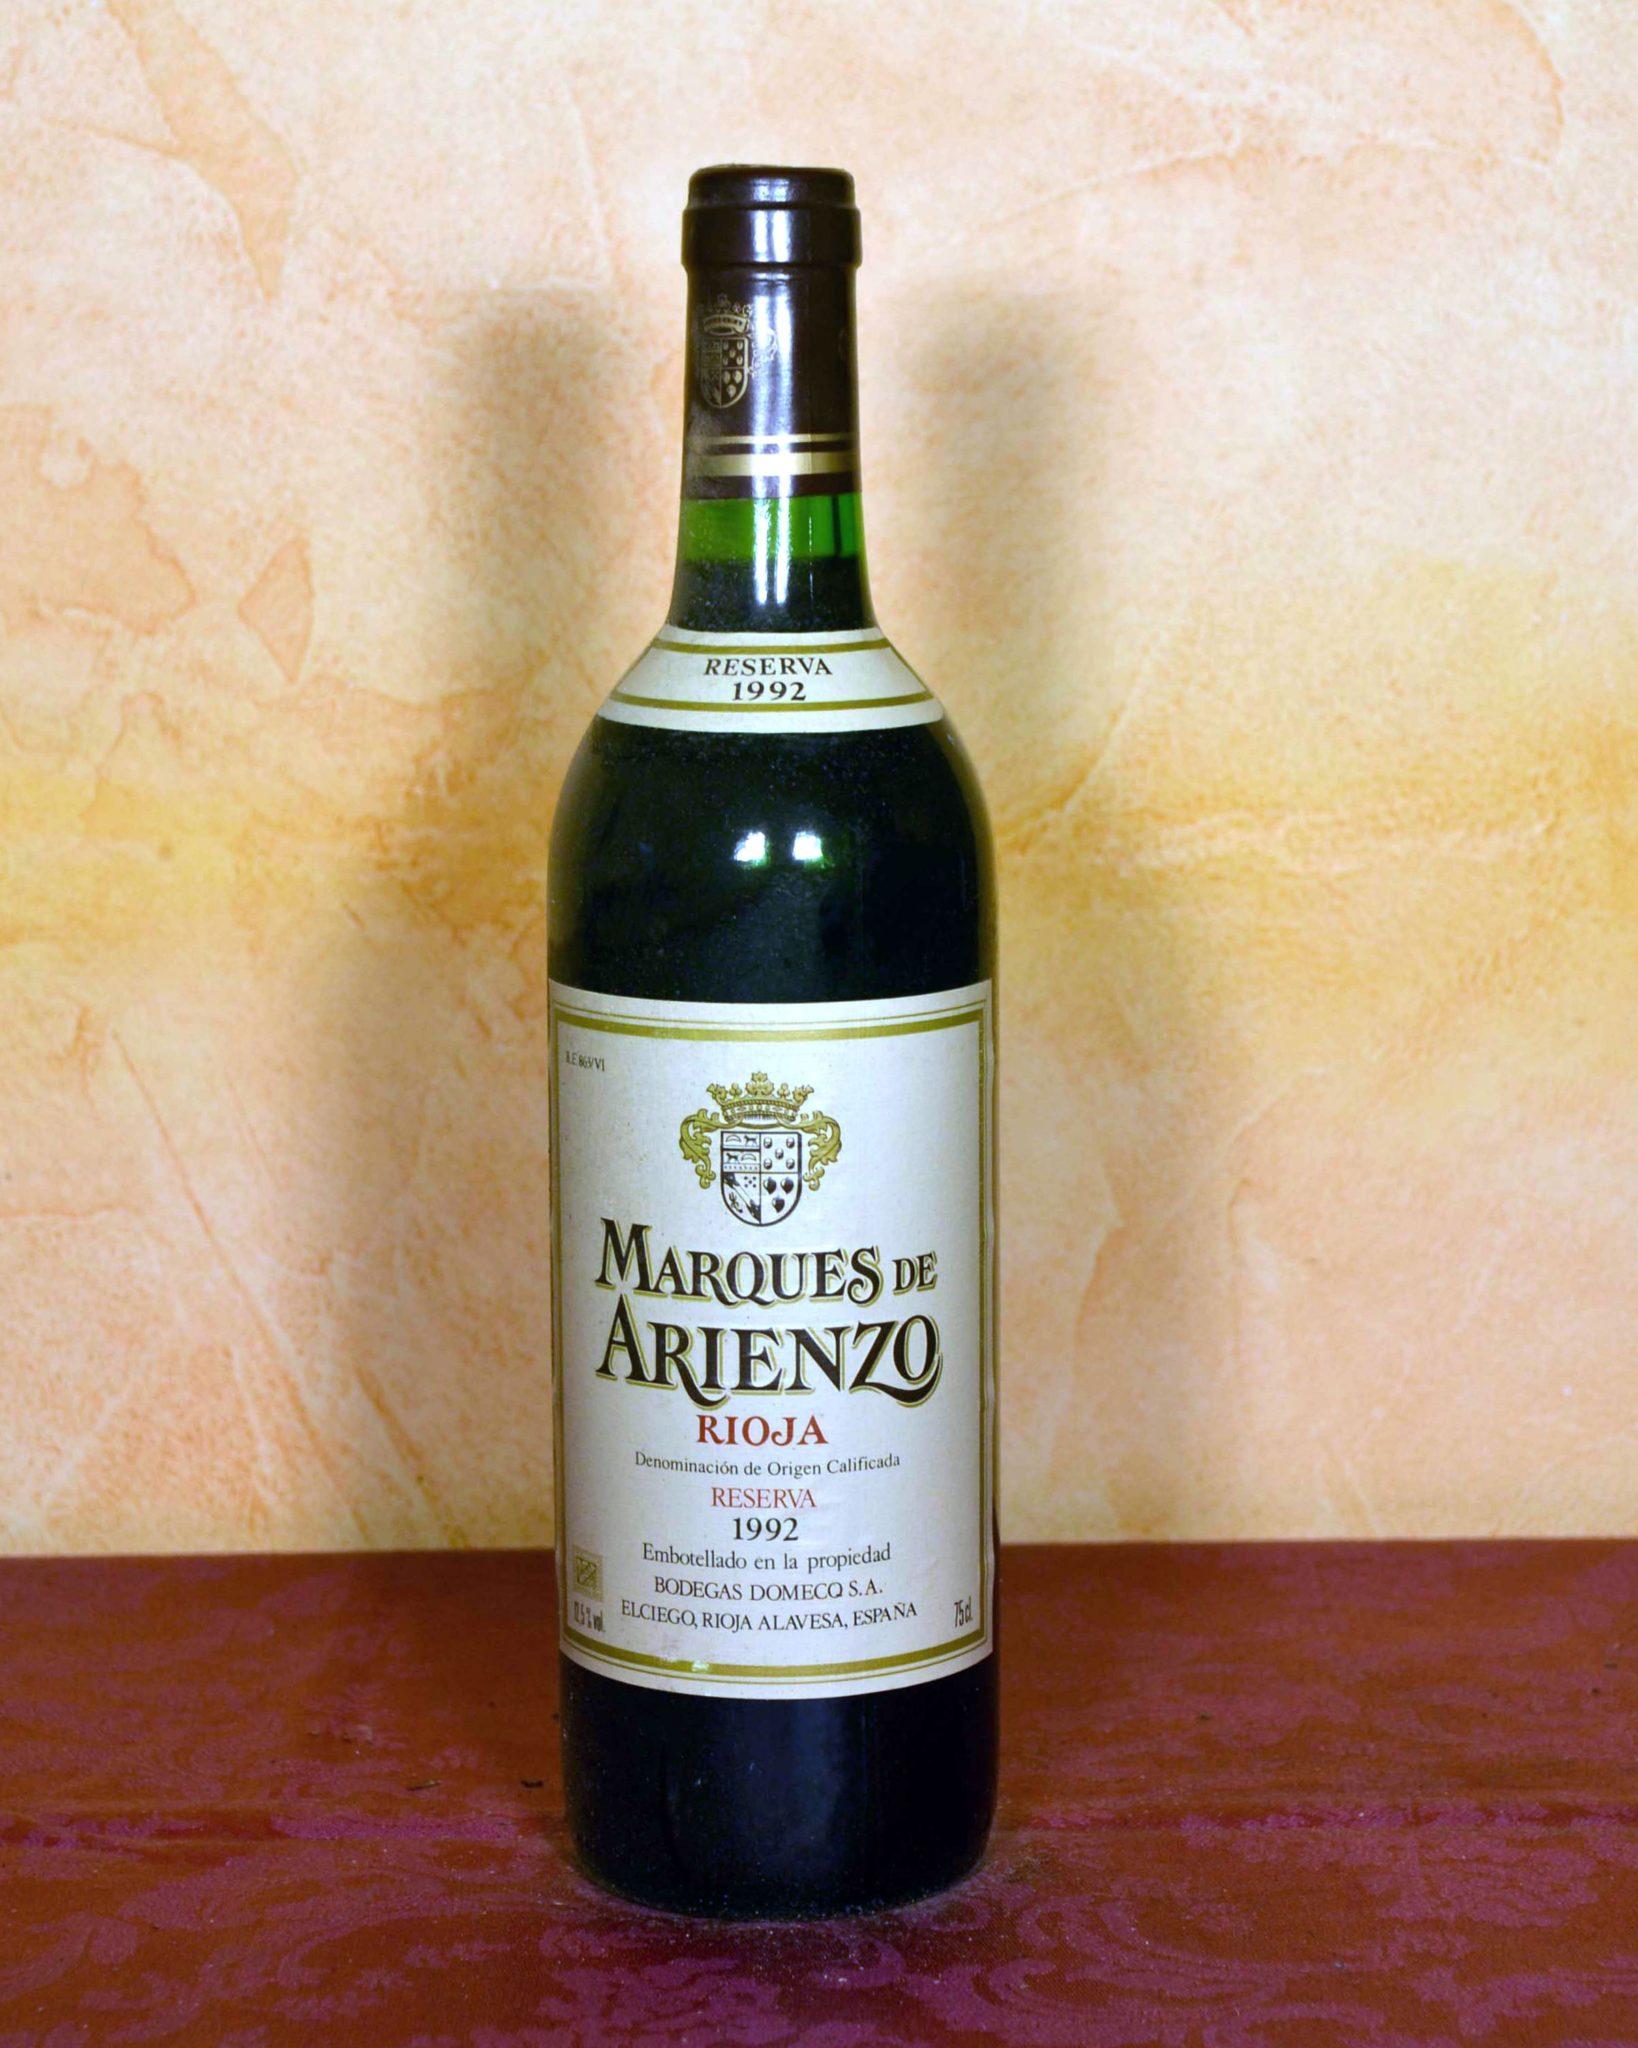 Marques de Arienzo Reserva 1992